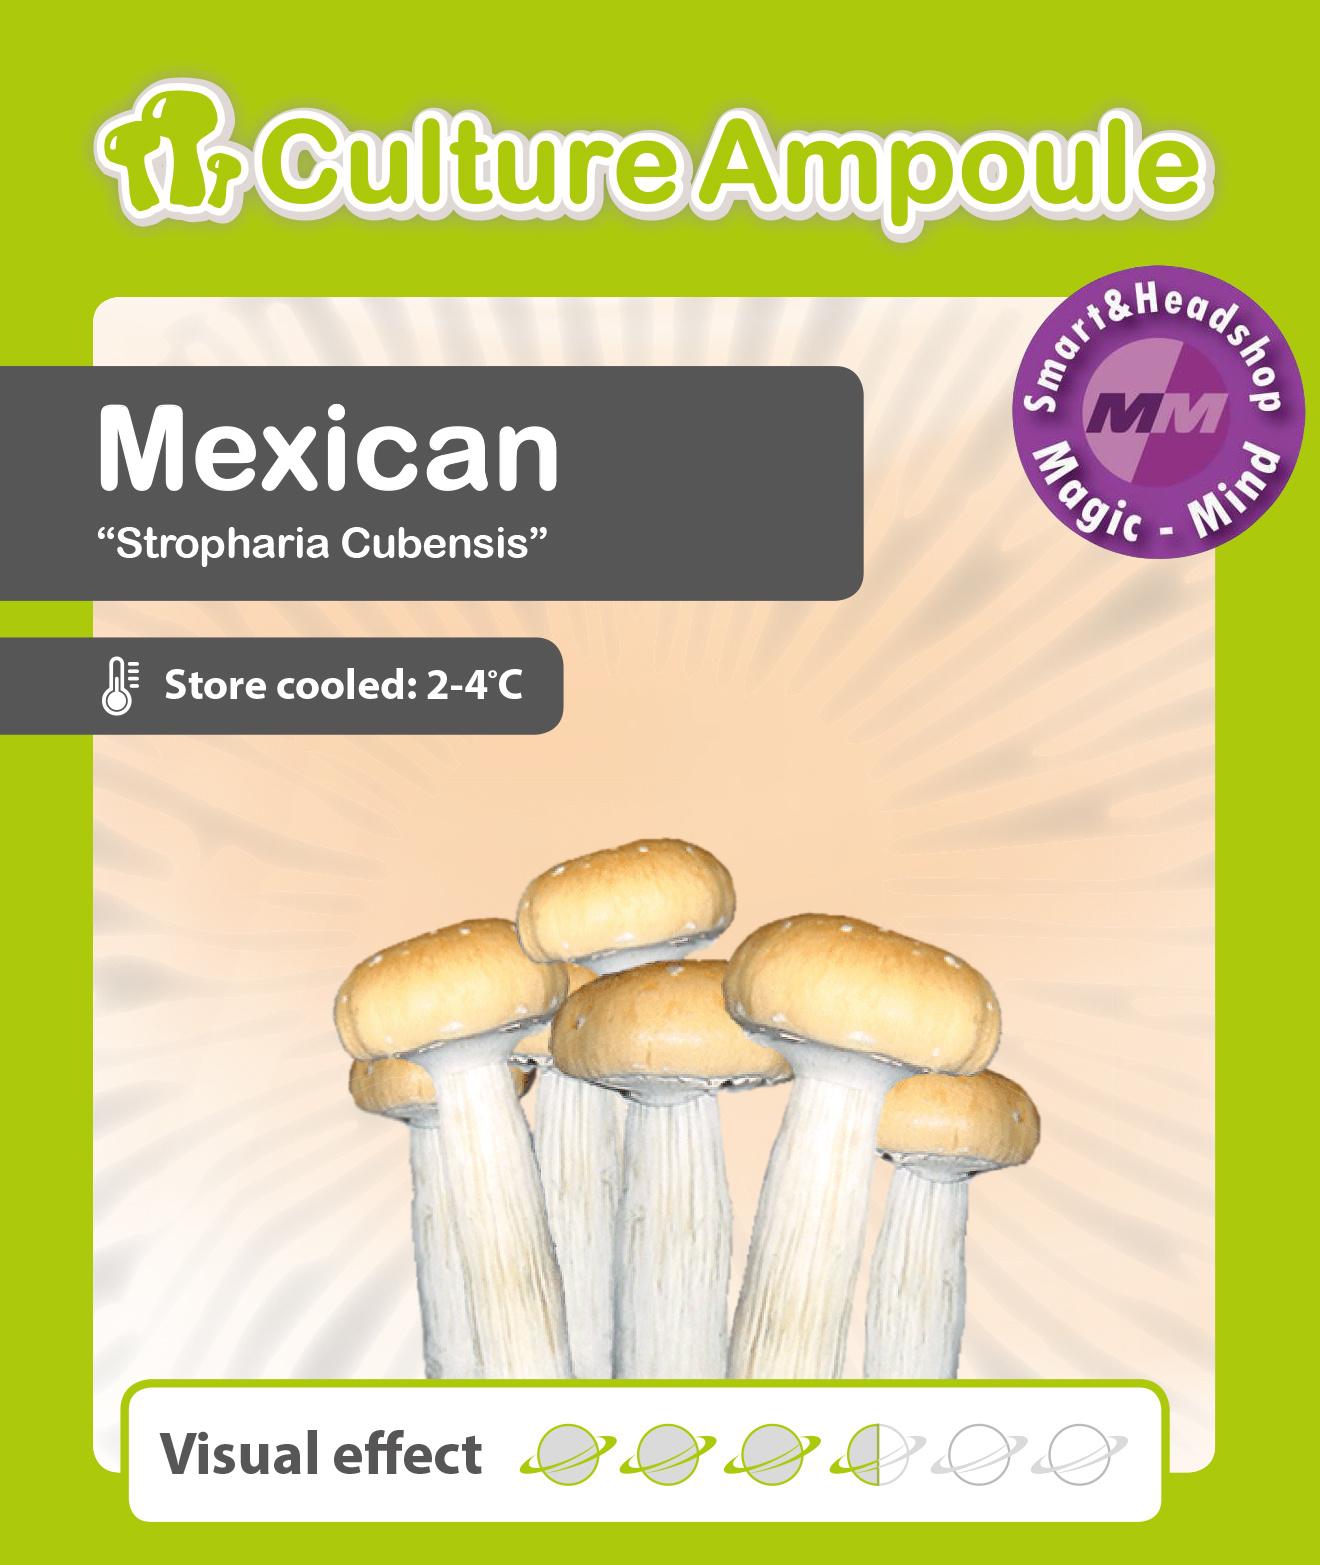 Culture Ampoule Set Mexican Mushroom Spore